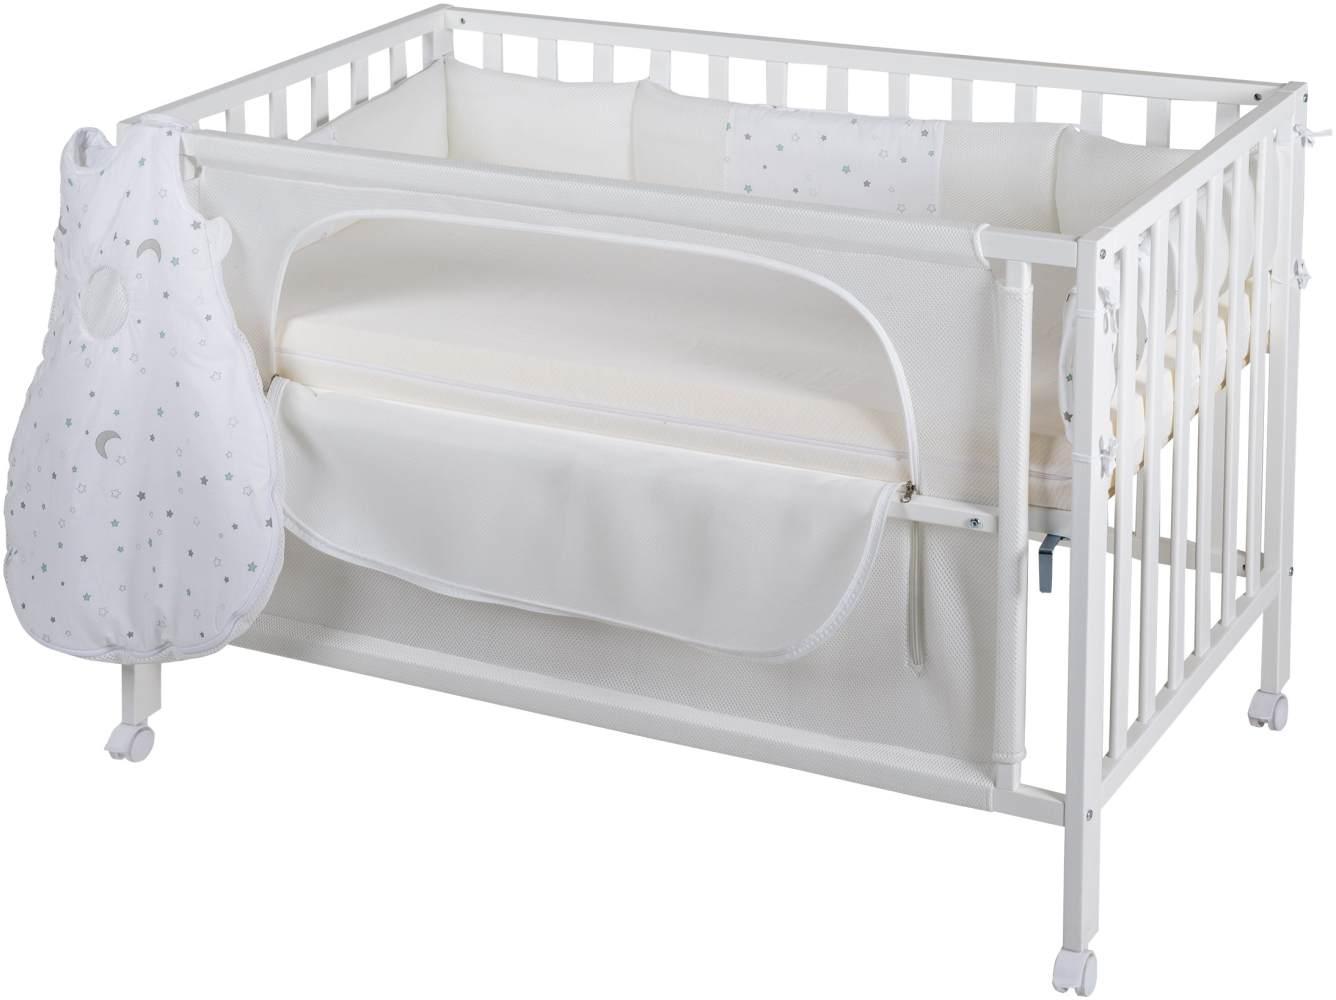 Roba 'Room Bed' Beistellbett weiß, inkl. Ausstattung 'Sternenzauber' Bild 1